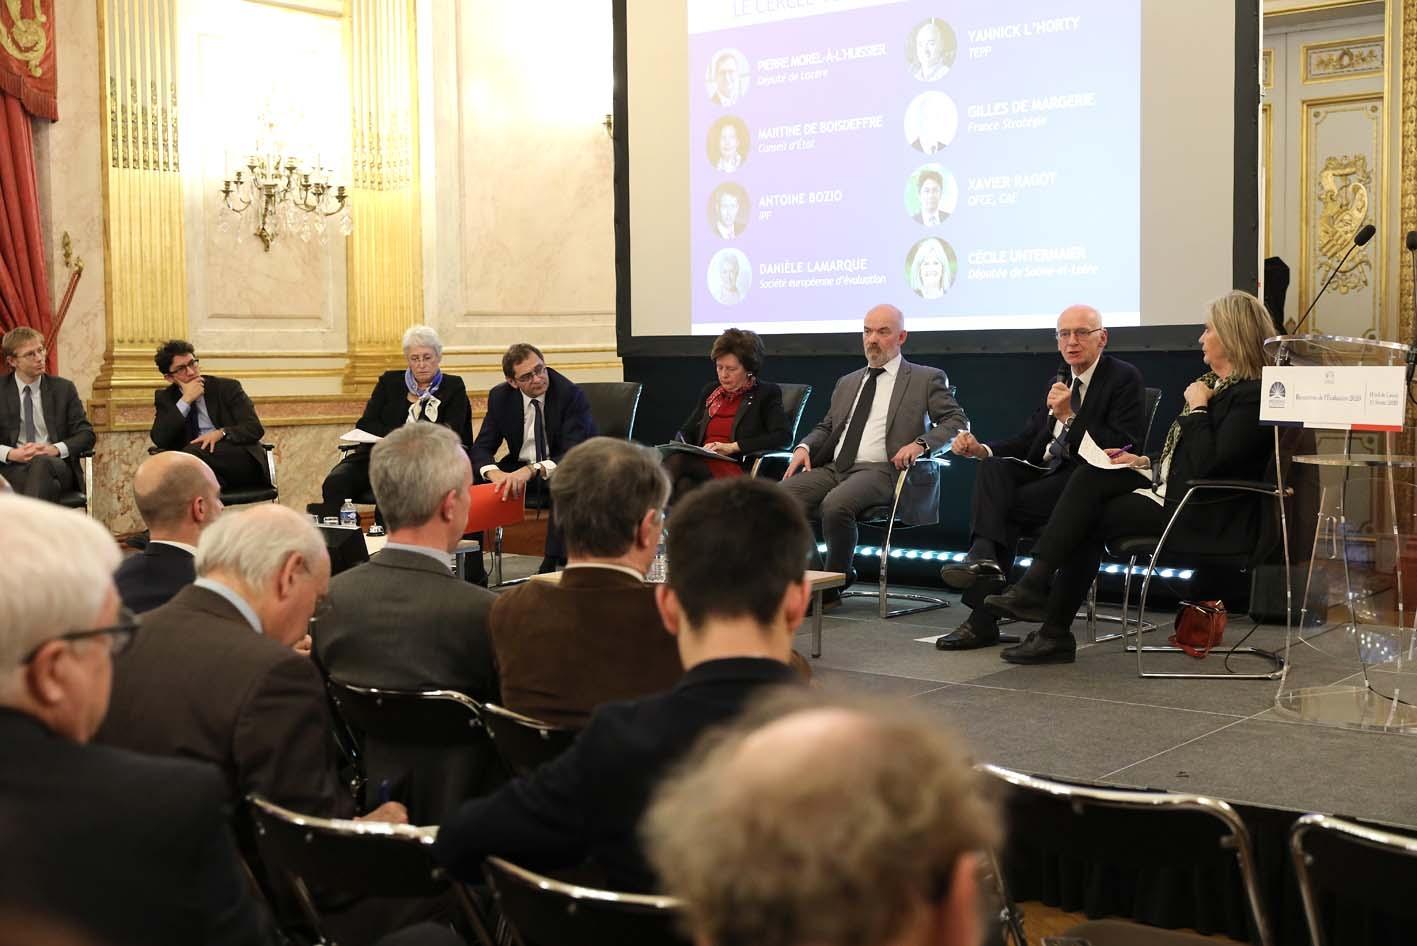 Les Rencontres de l'Évaluation - Édition 2020